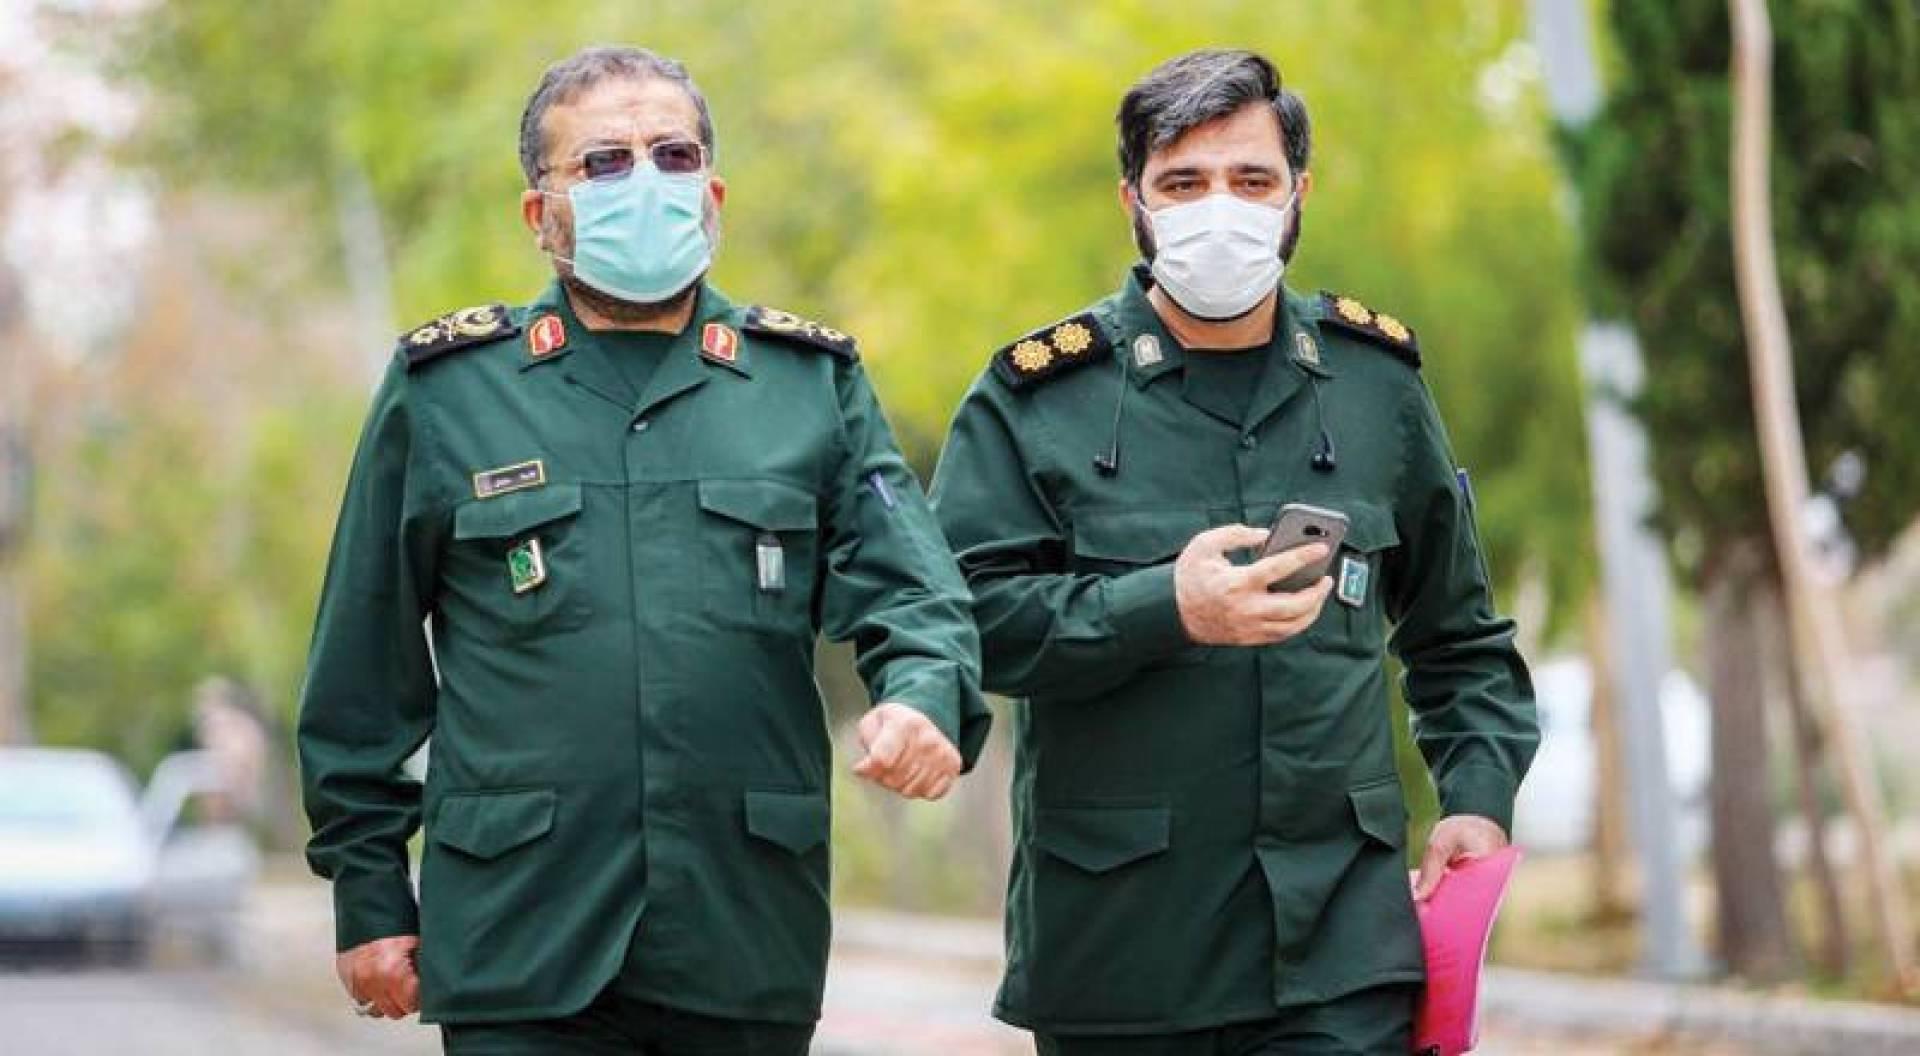 قائد الباسيج في إيران العميد غلام رضا سليماني (في اليمين) ومساعده عقب مؤتمر صحافي للإعلان عن الحد من التضخم في طهران